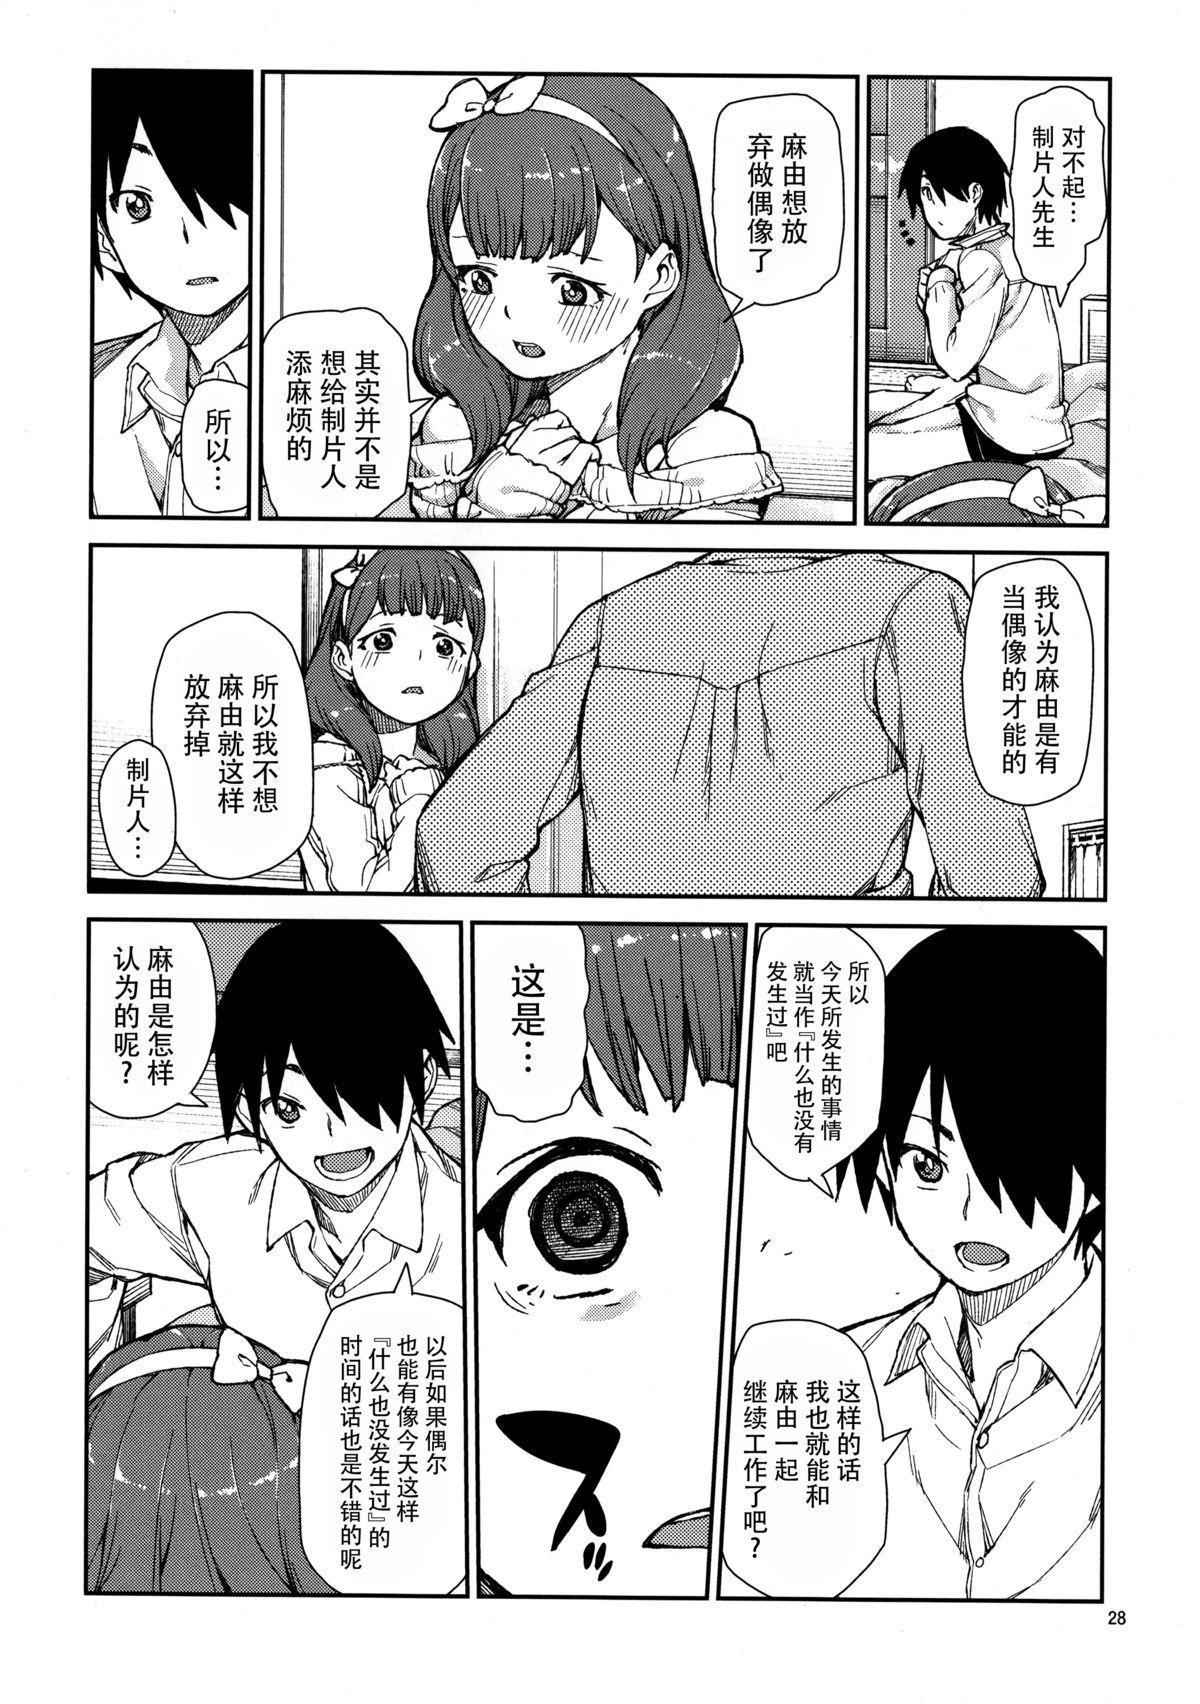 Korekara Nakyoku Shimashou ne 28